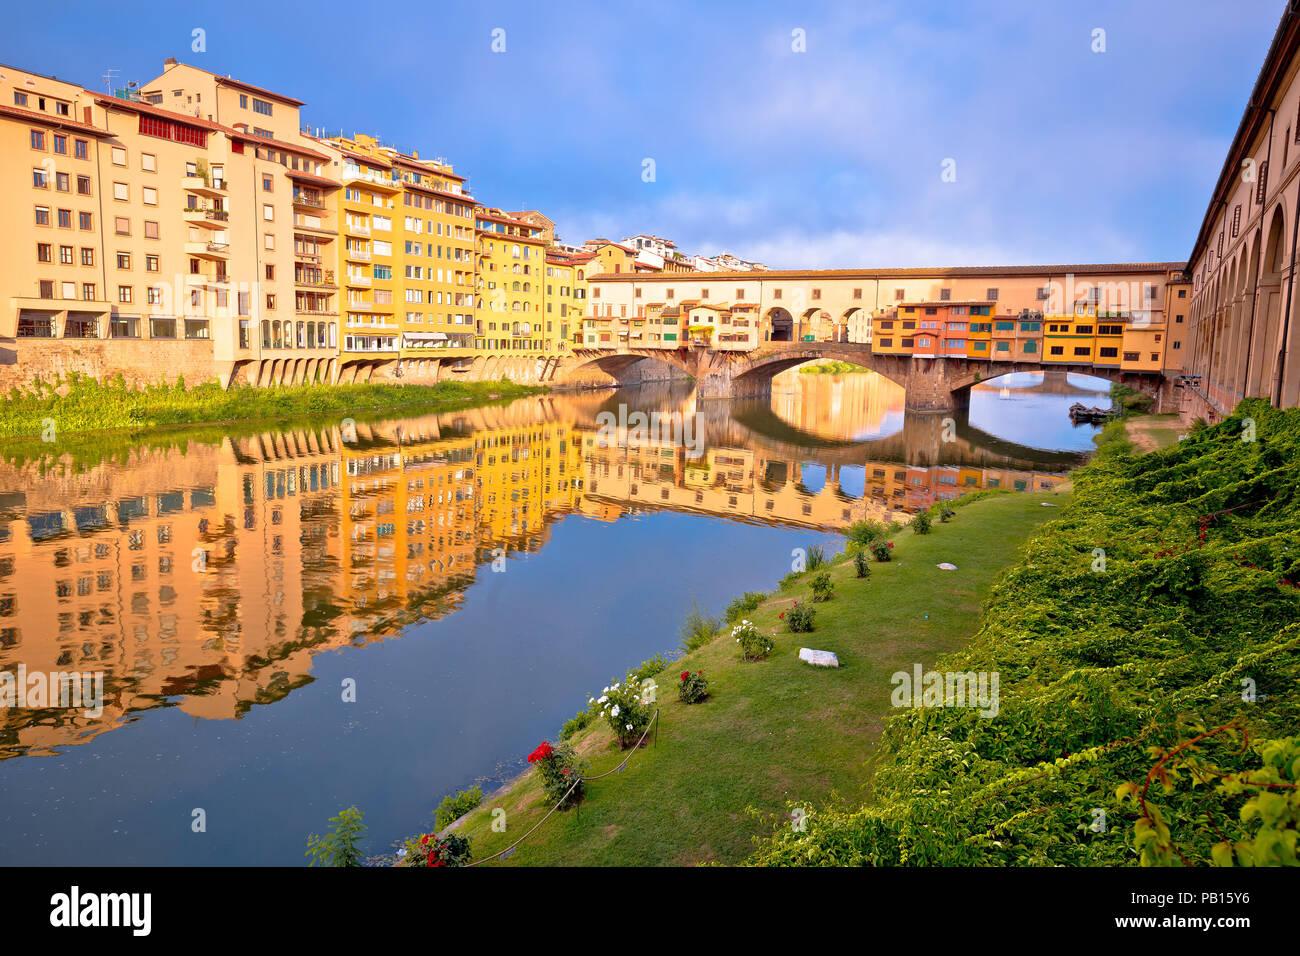 Die Brücke Ponte Vecchio und den Arno Fluss Wasserfront von Florenz, Region Toskana Italien Stockbild